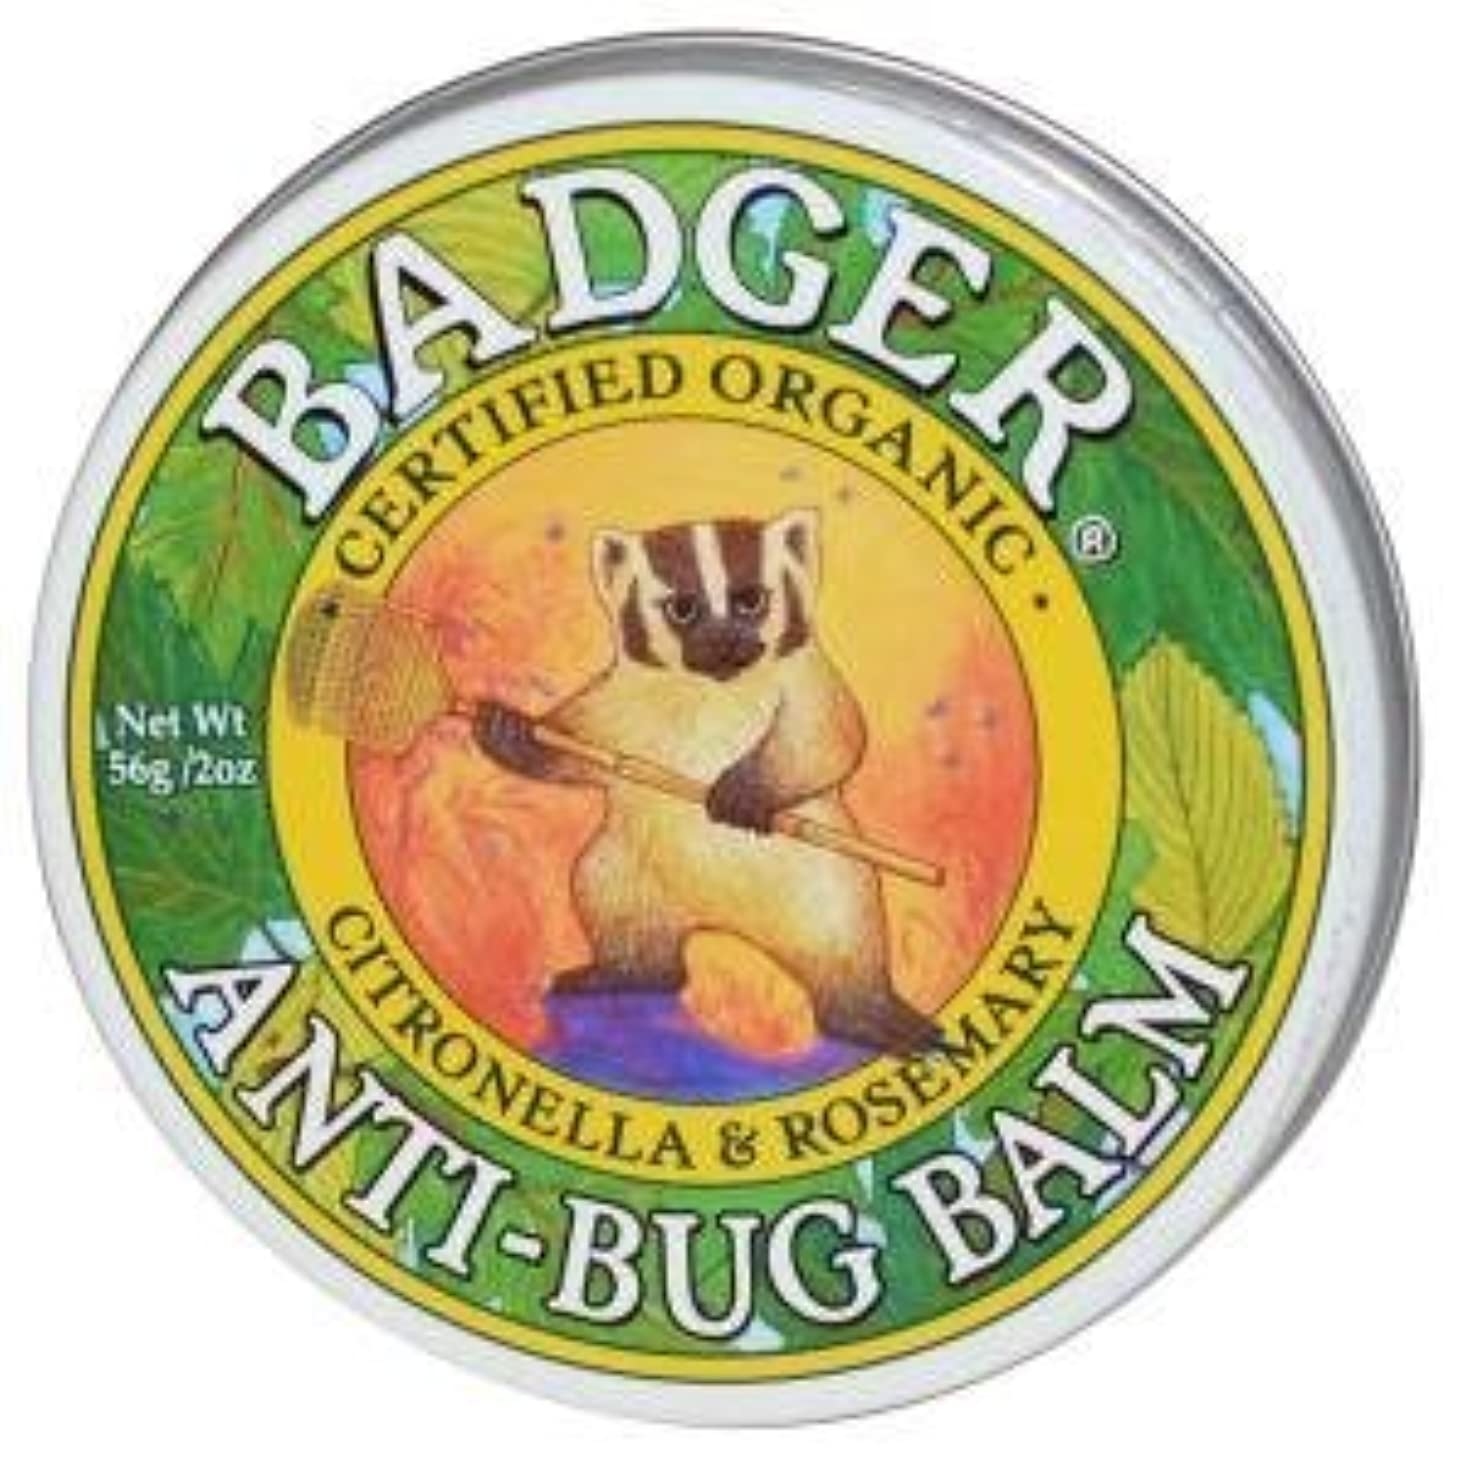 合成壁基準[並行輸入品] バジャー(Badger) プロテクトバーム(虫よけバーム) 56g